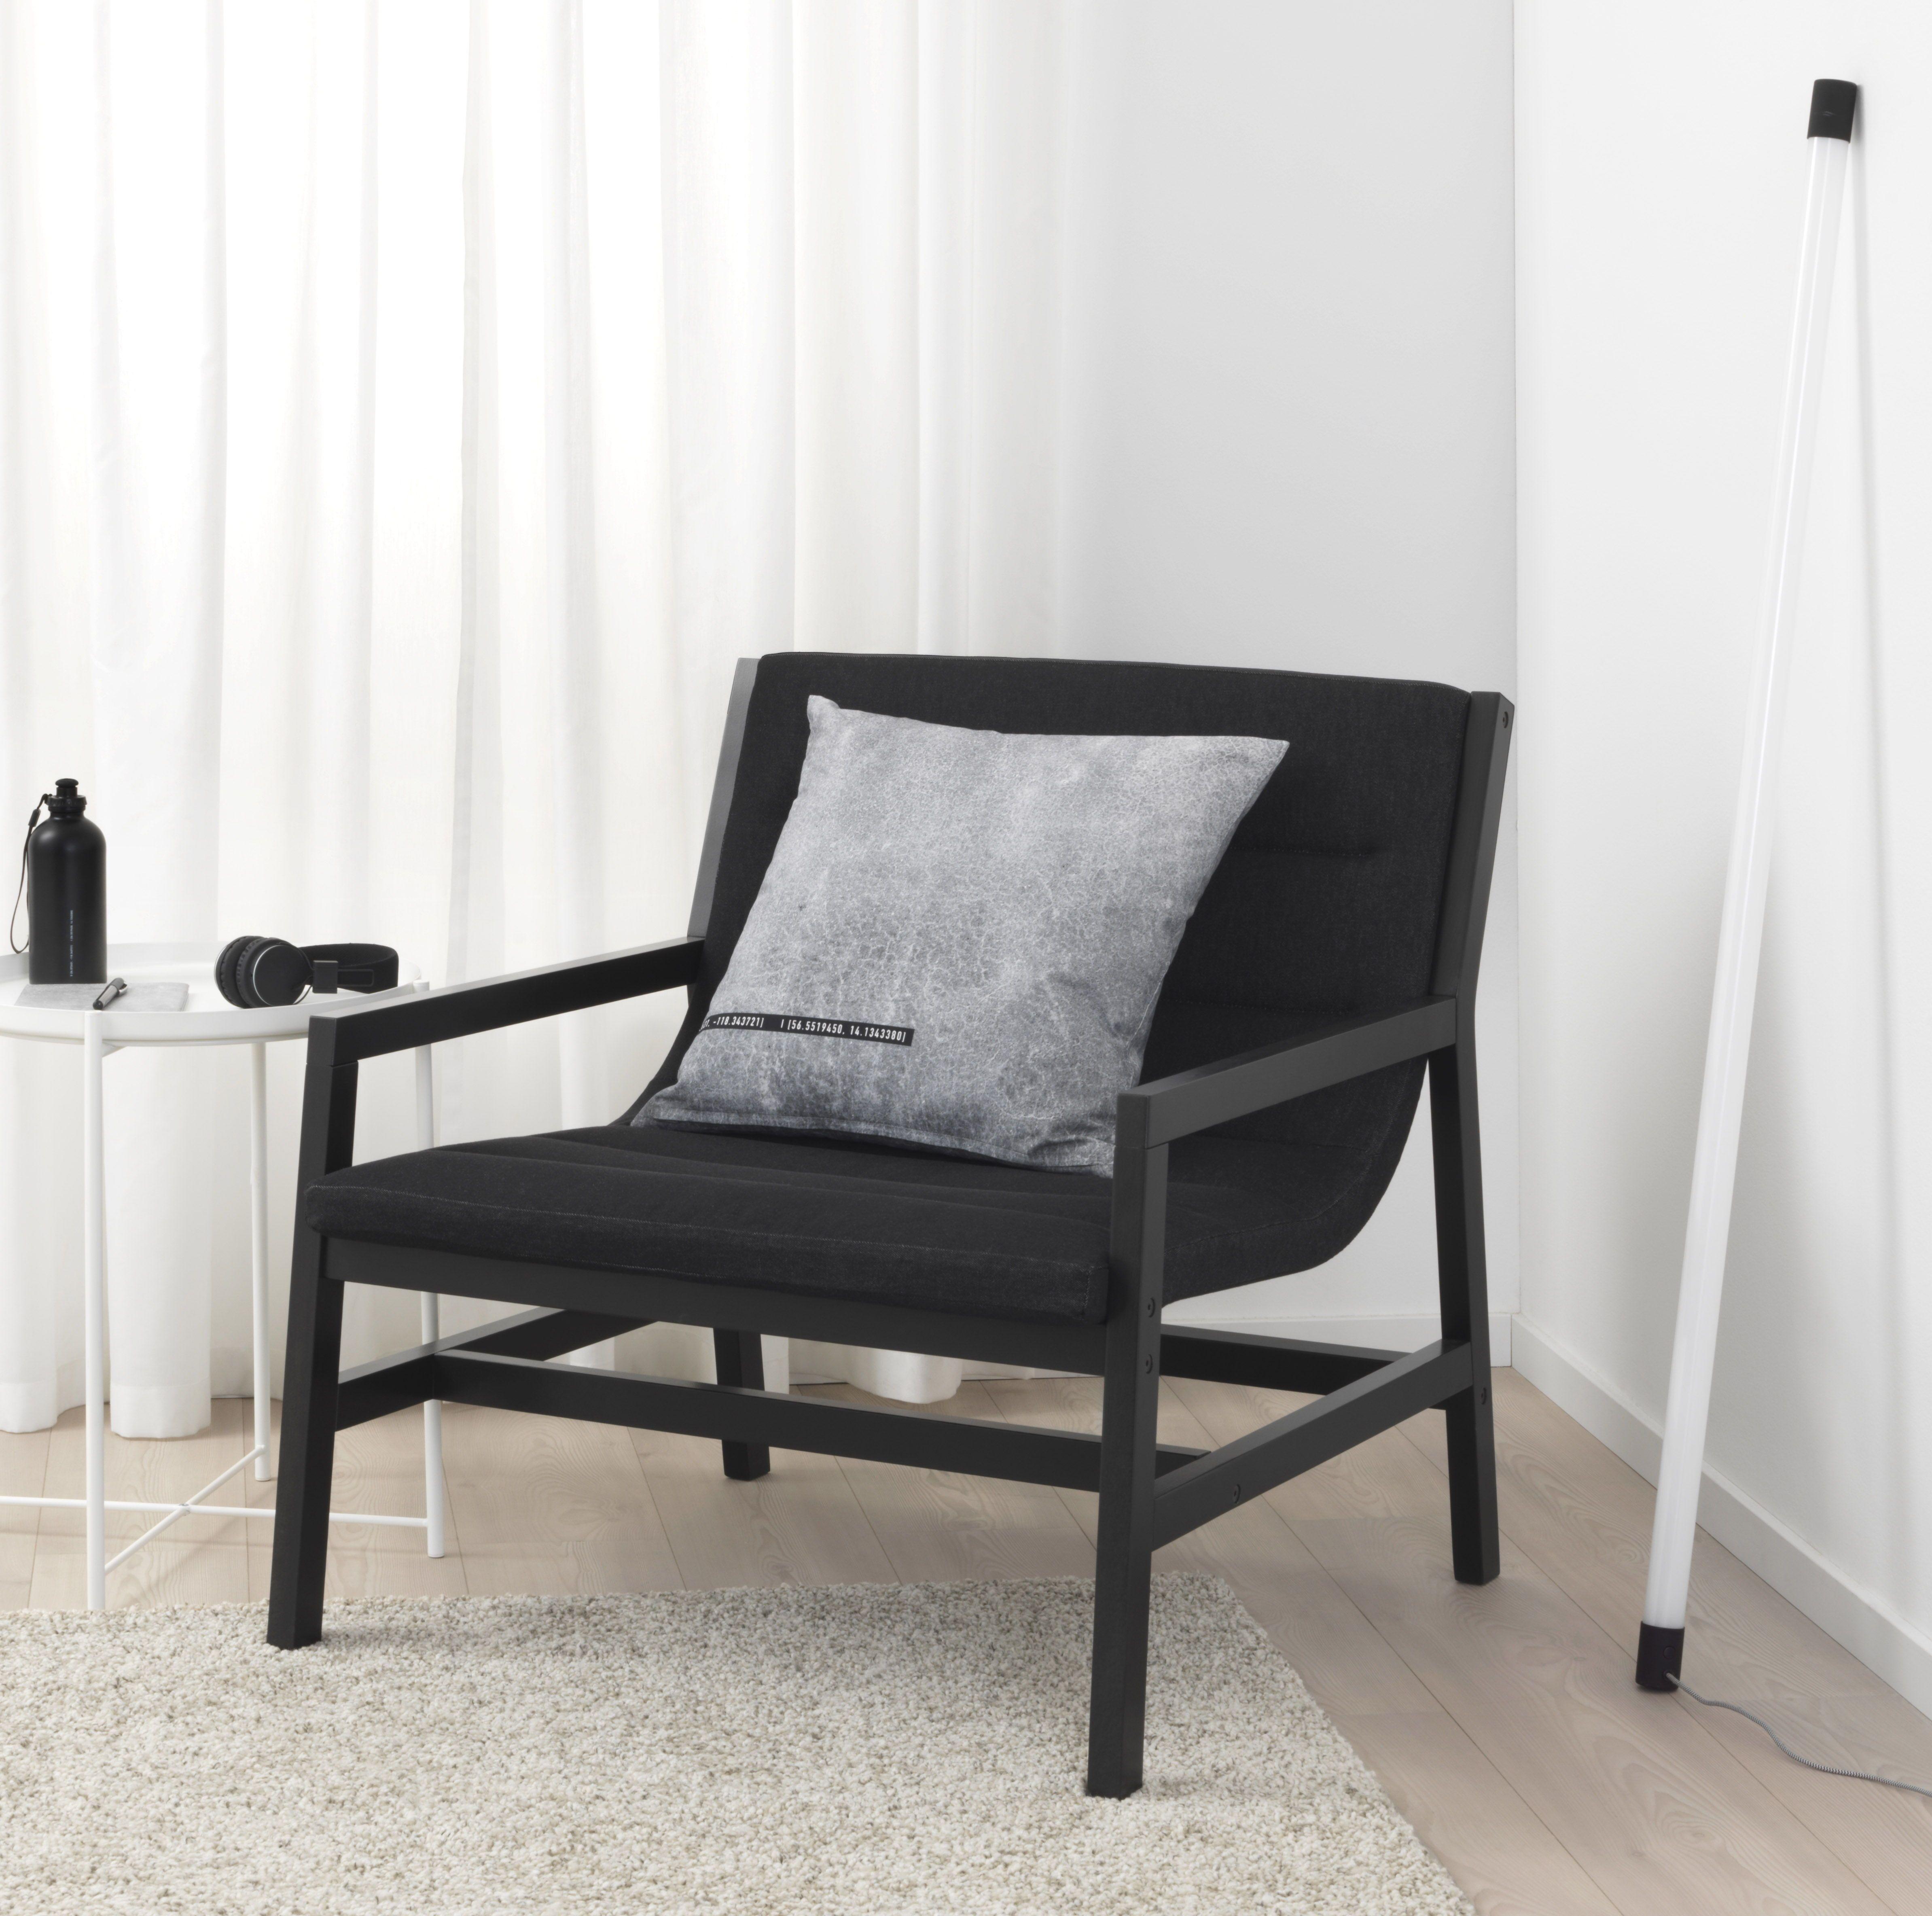 Fauteuil Ikea Wit.Nederland Woonkamers Meubel Ideeen Wooninrichting En Ikea